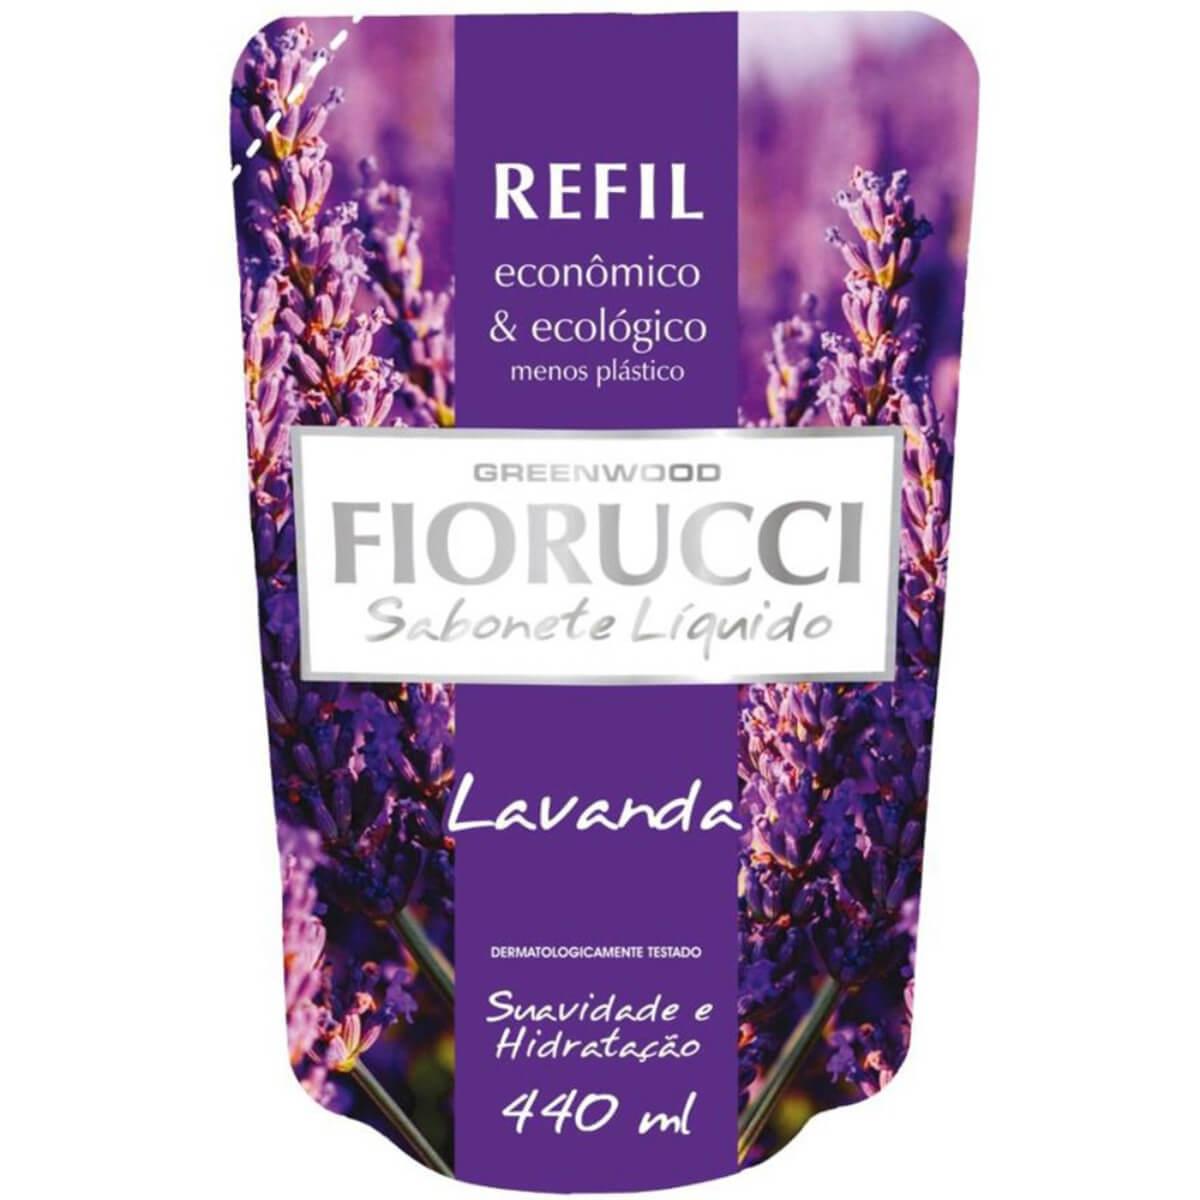 Refil Sabonete Líquido Fiorucci Lavanda 440ml